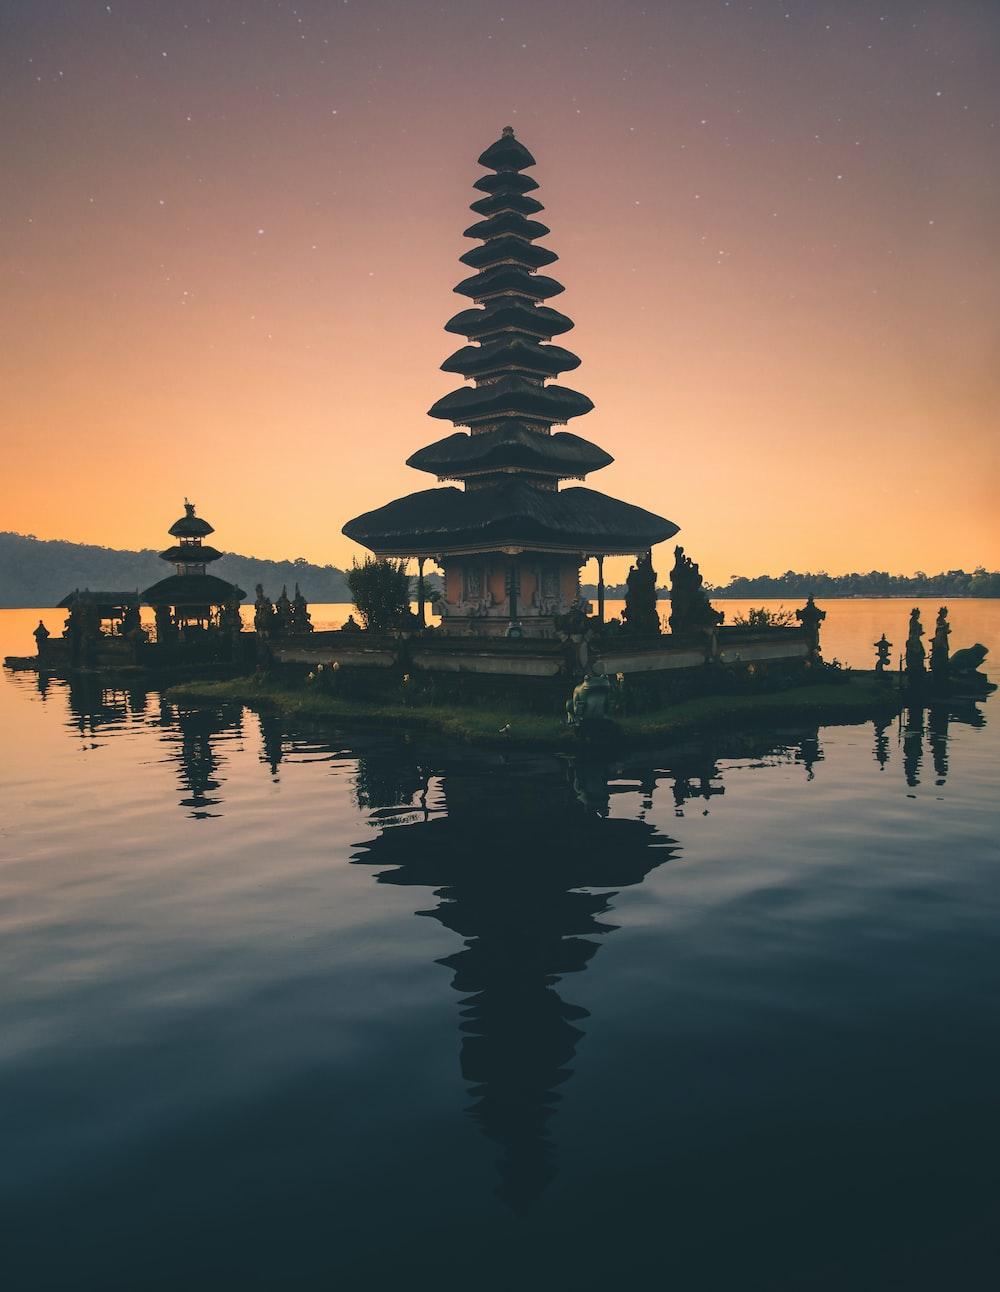 temple in between body of water